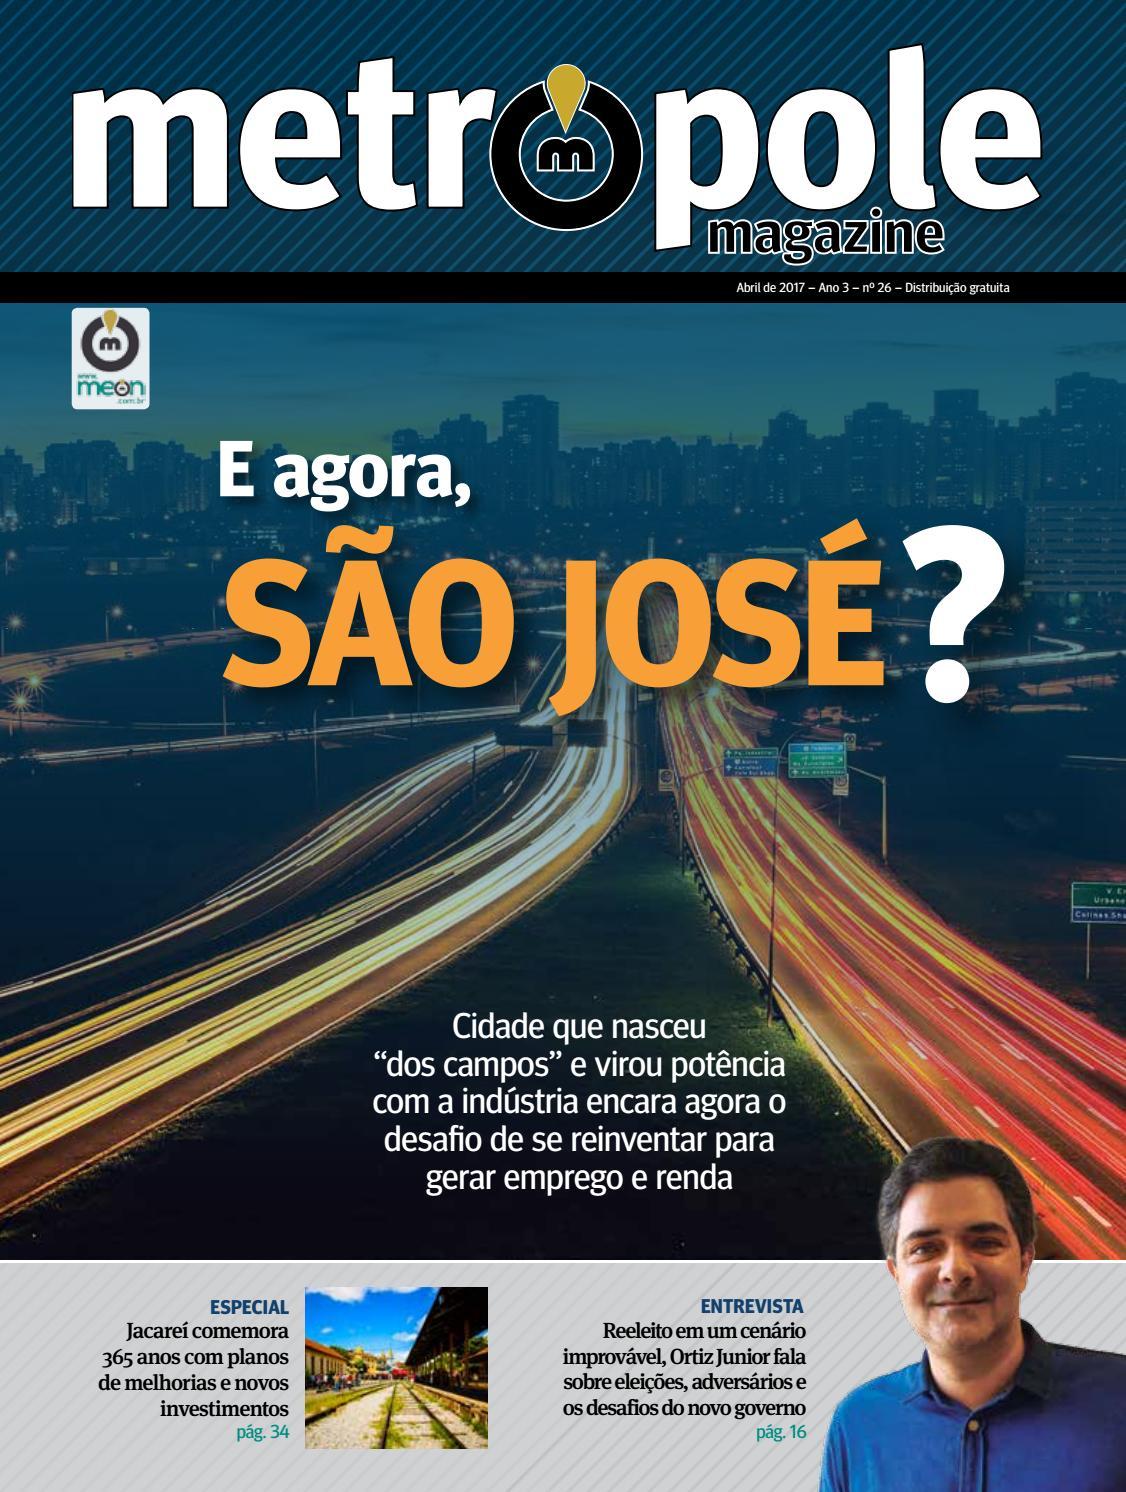 Metrópole Magazine - Abril de 2017   Edição 26 by Portal Meon - issuu 66624420a2